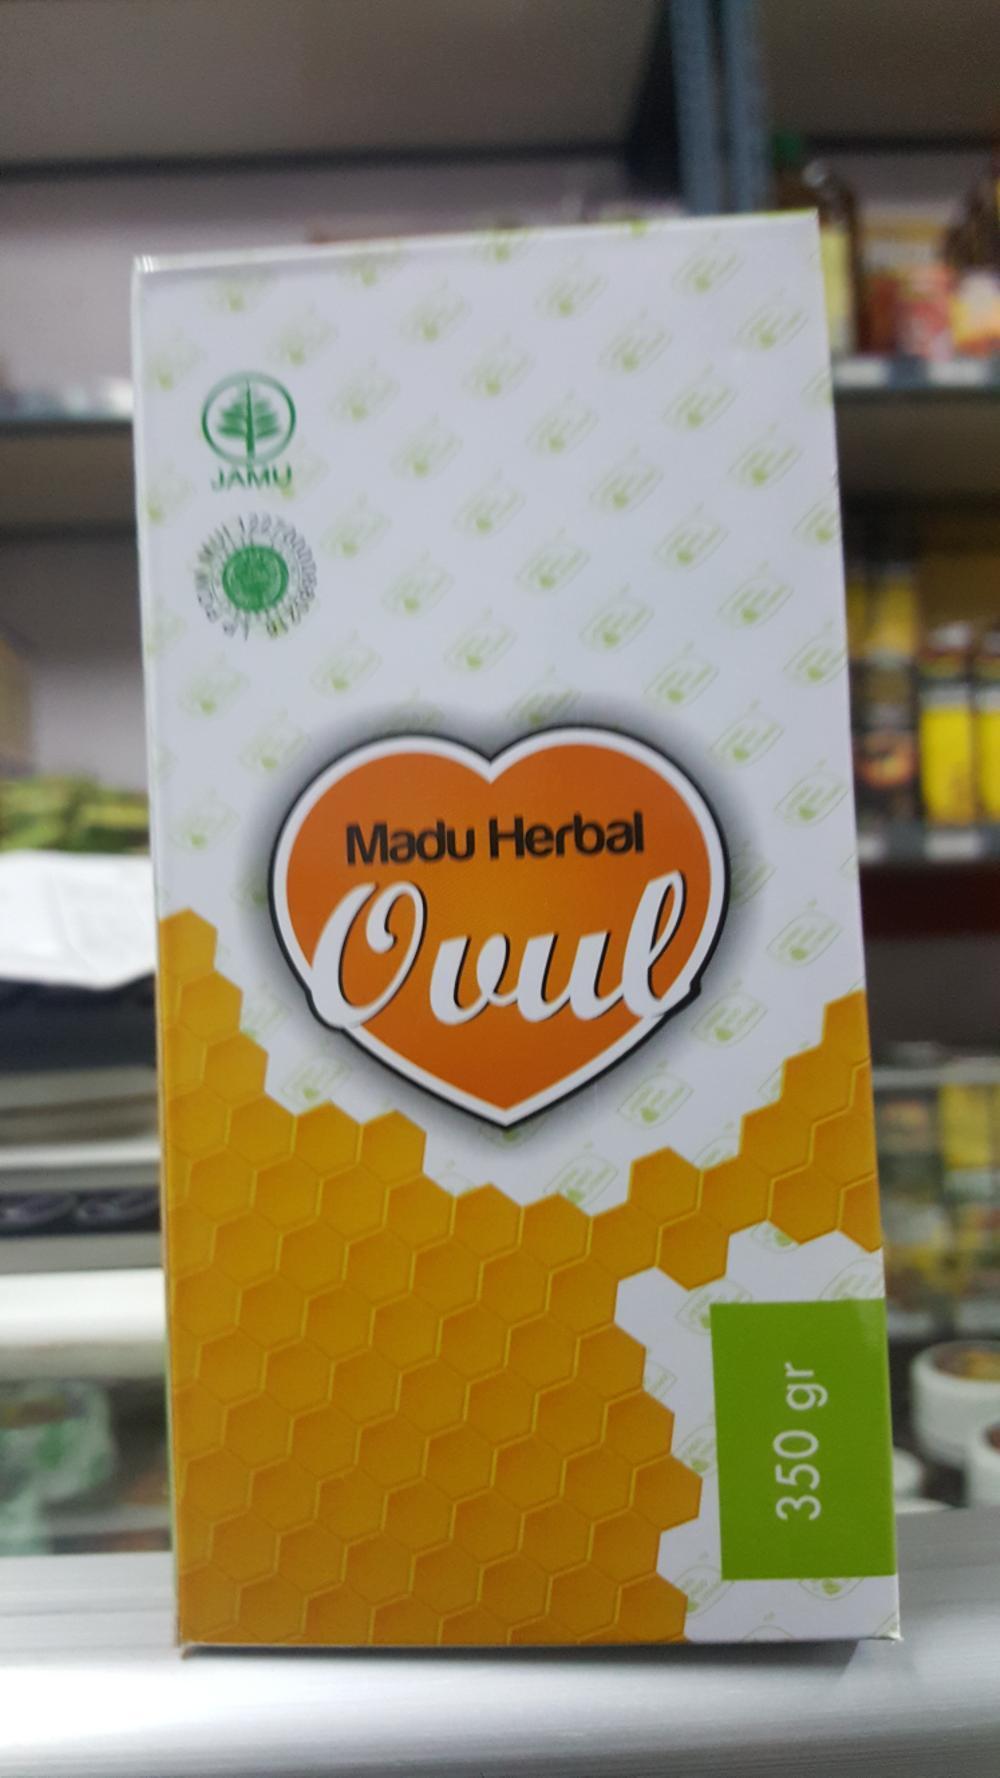 Madu Herbal OVUL Penyubur Kandungan di lapak KIOS BUNDA topmanagercilegon01